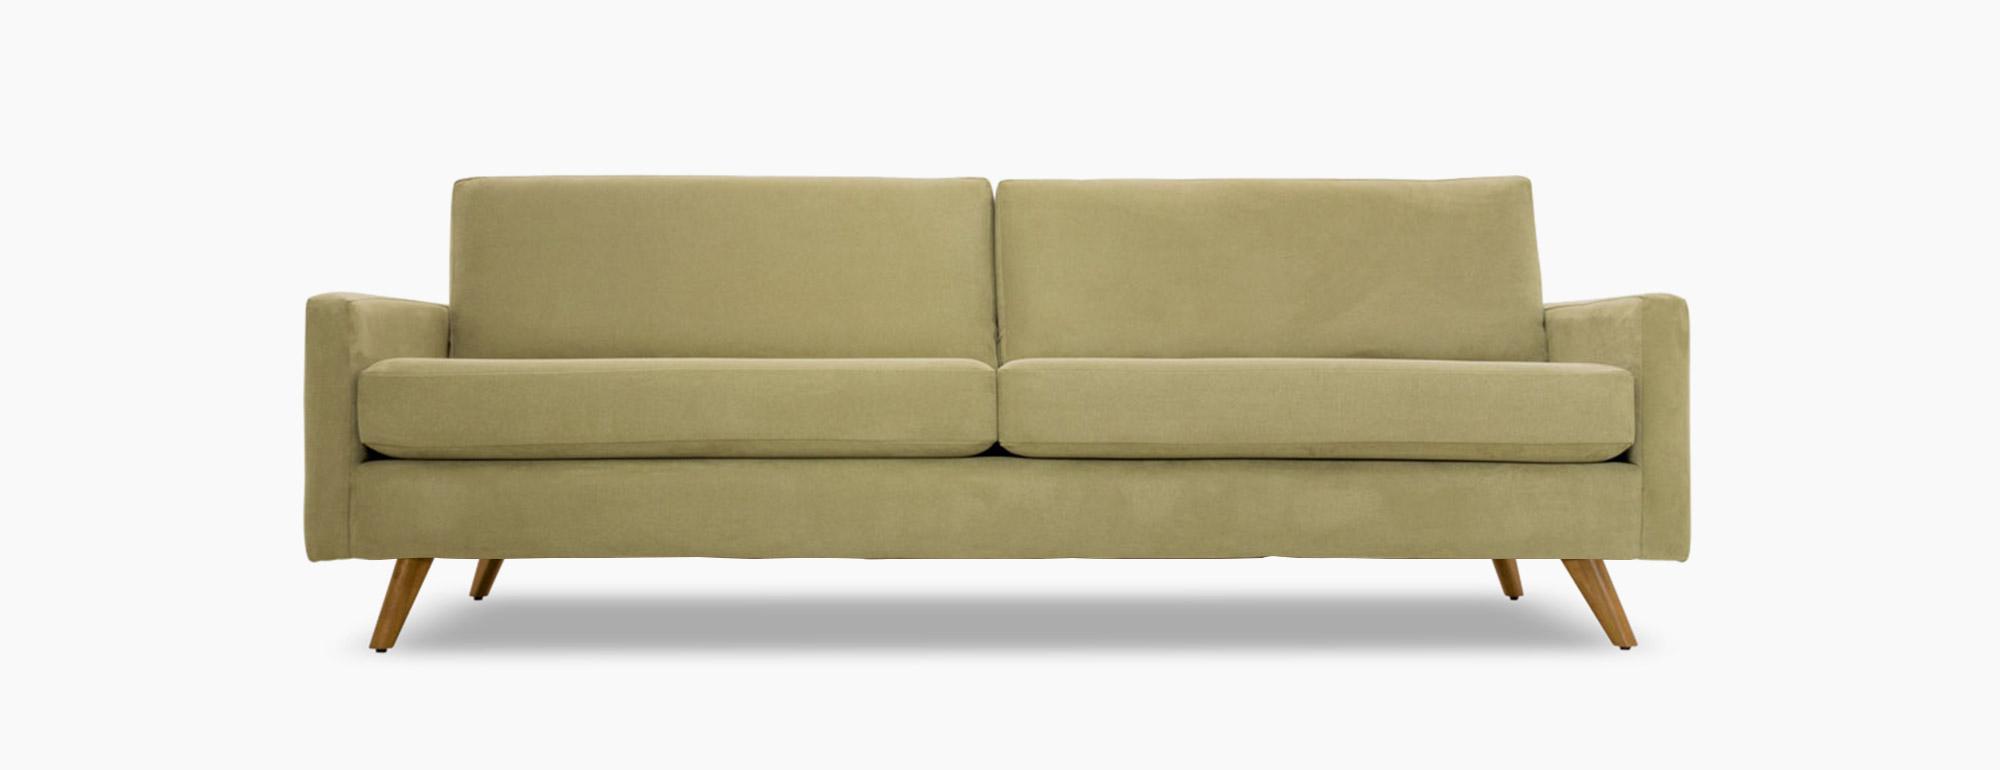 hero-mora-sofa-1